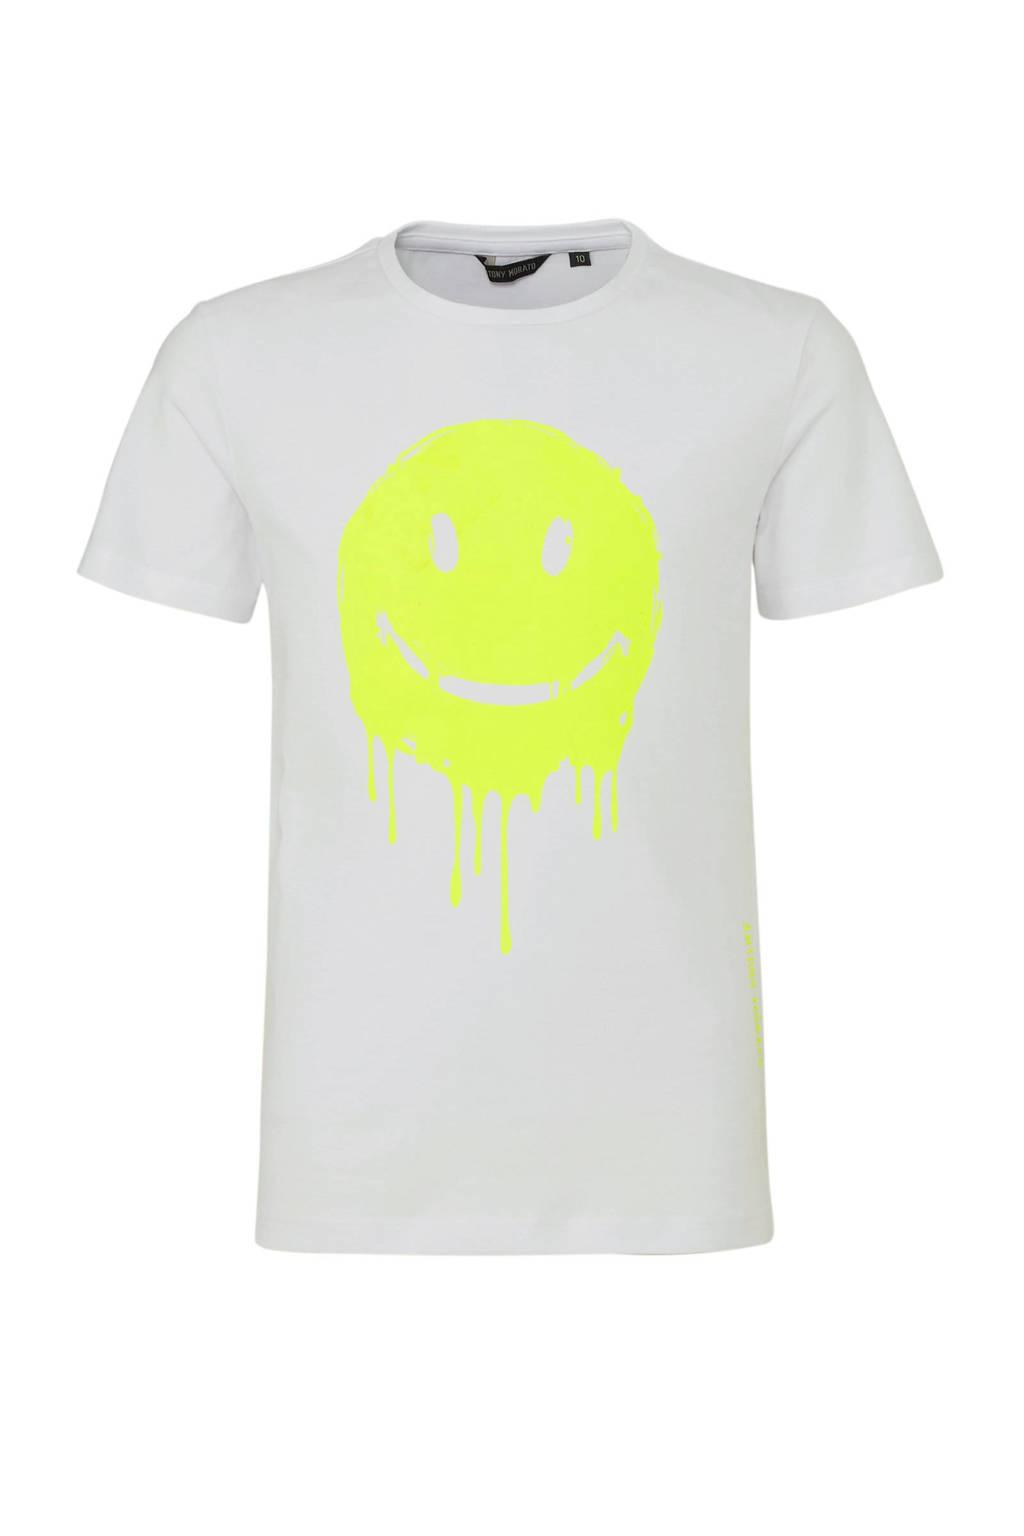 Antony Morato T-shirt met printopdruk wit/neon geel